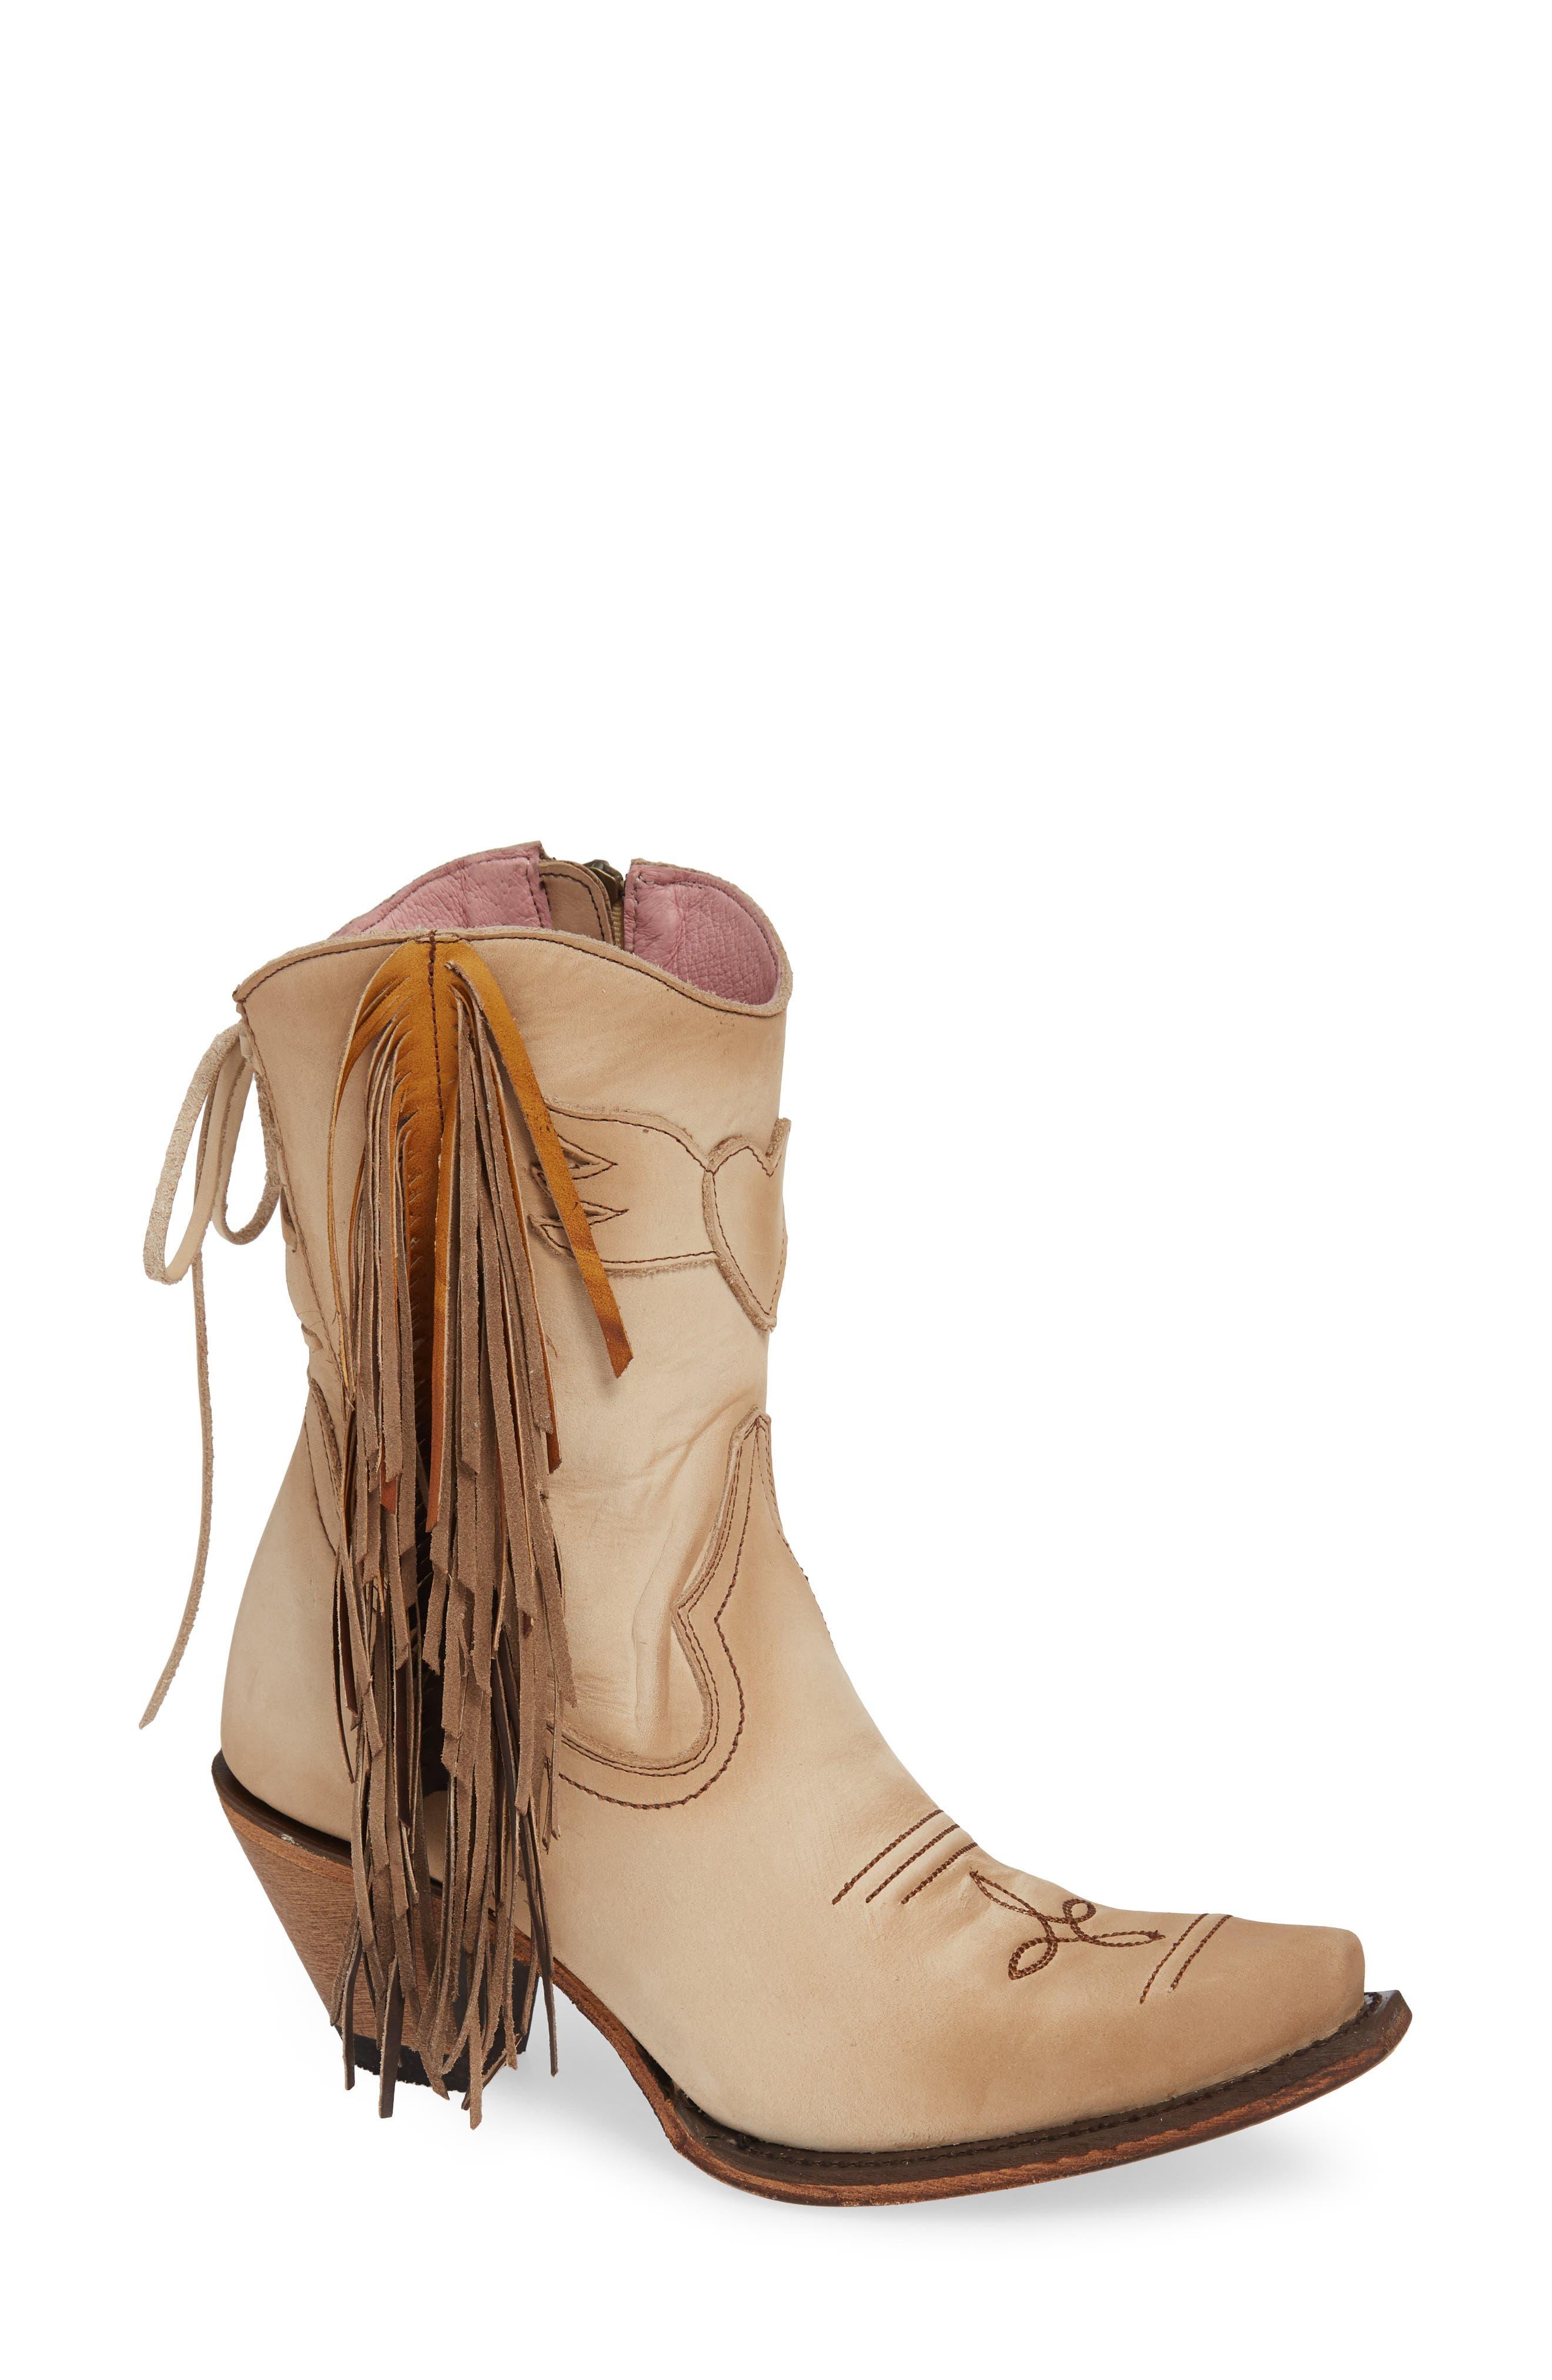 X Junk Gypsy Fringe Western Bootie